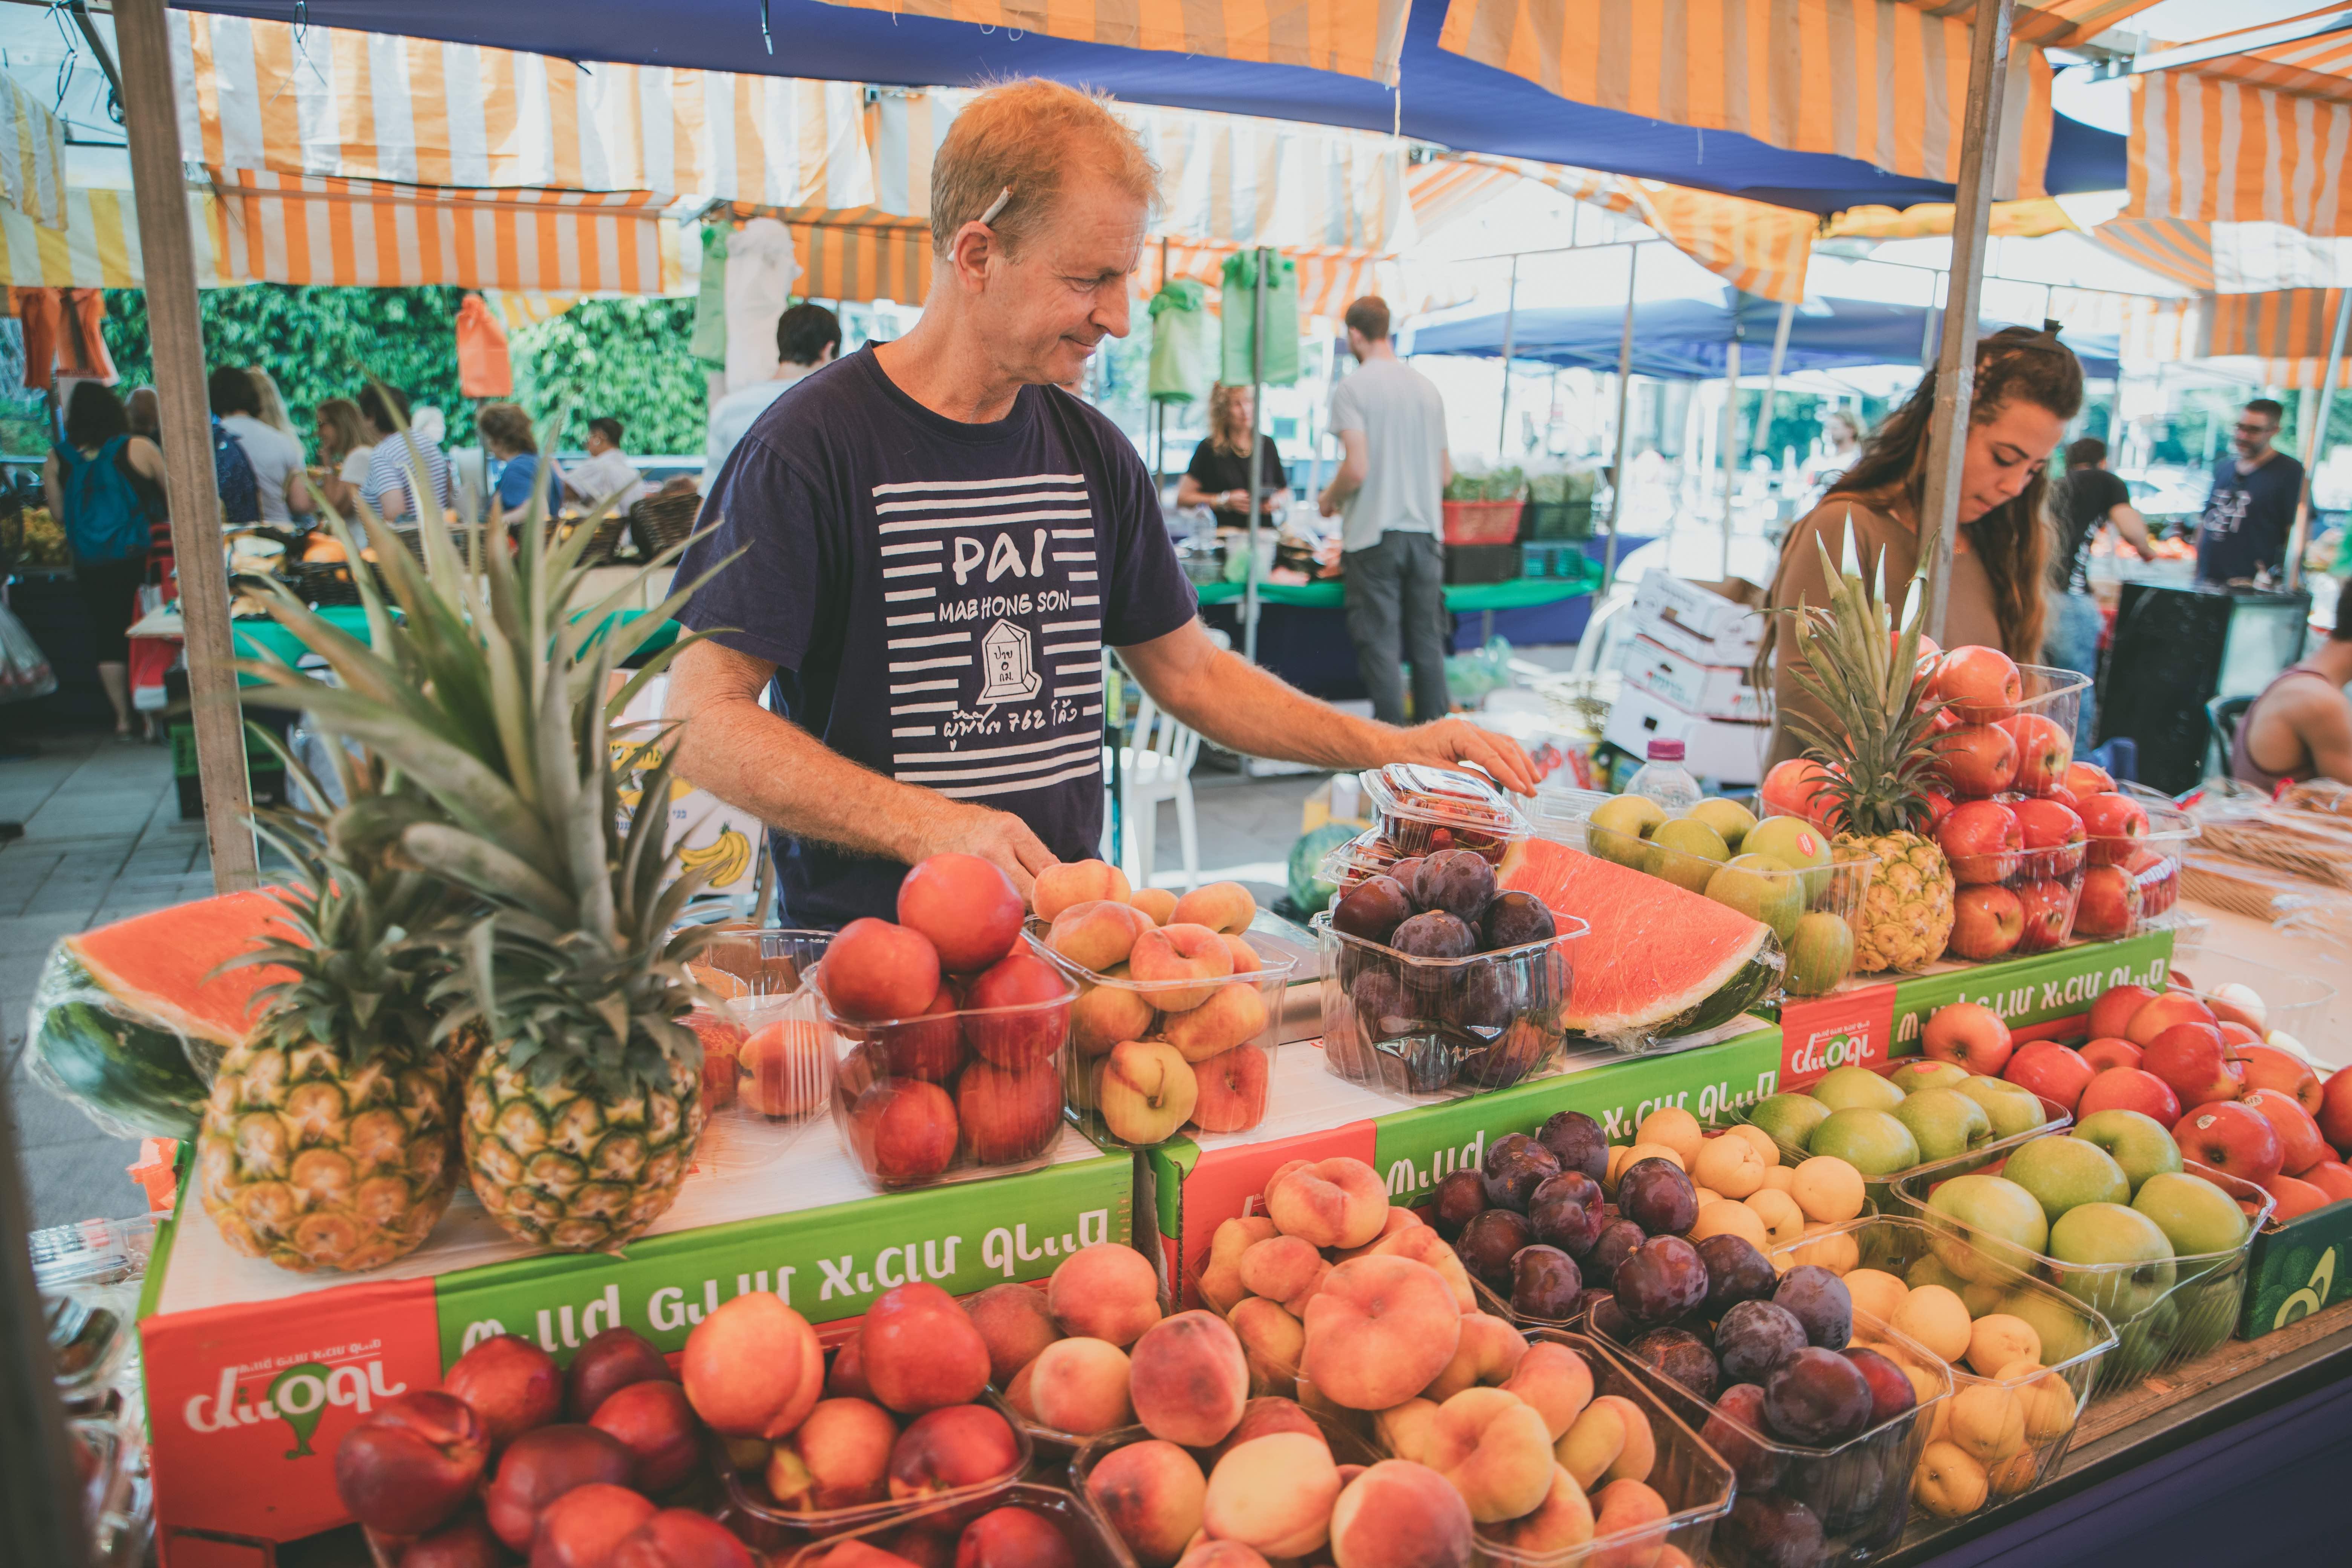 התפתחה חברות בין הסוחרים, צילום: באדיבות שוק האיכרים